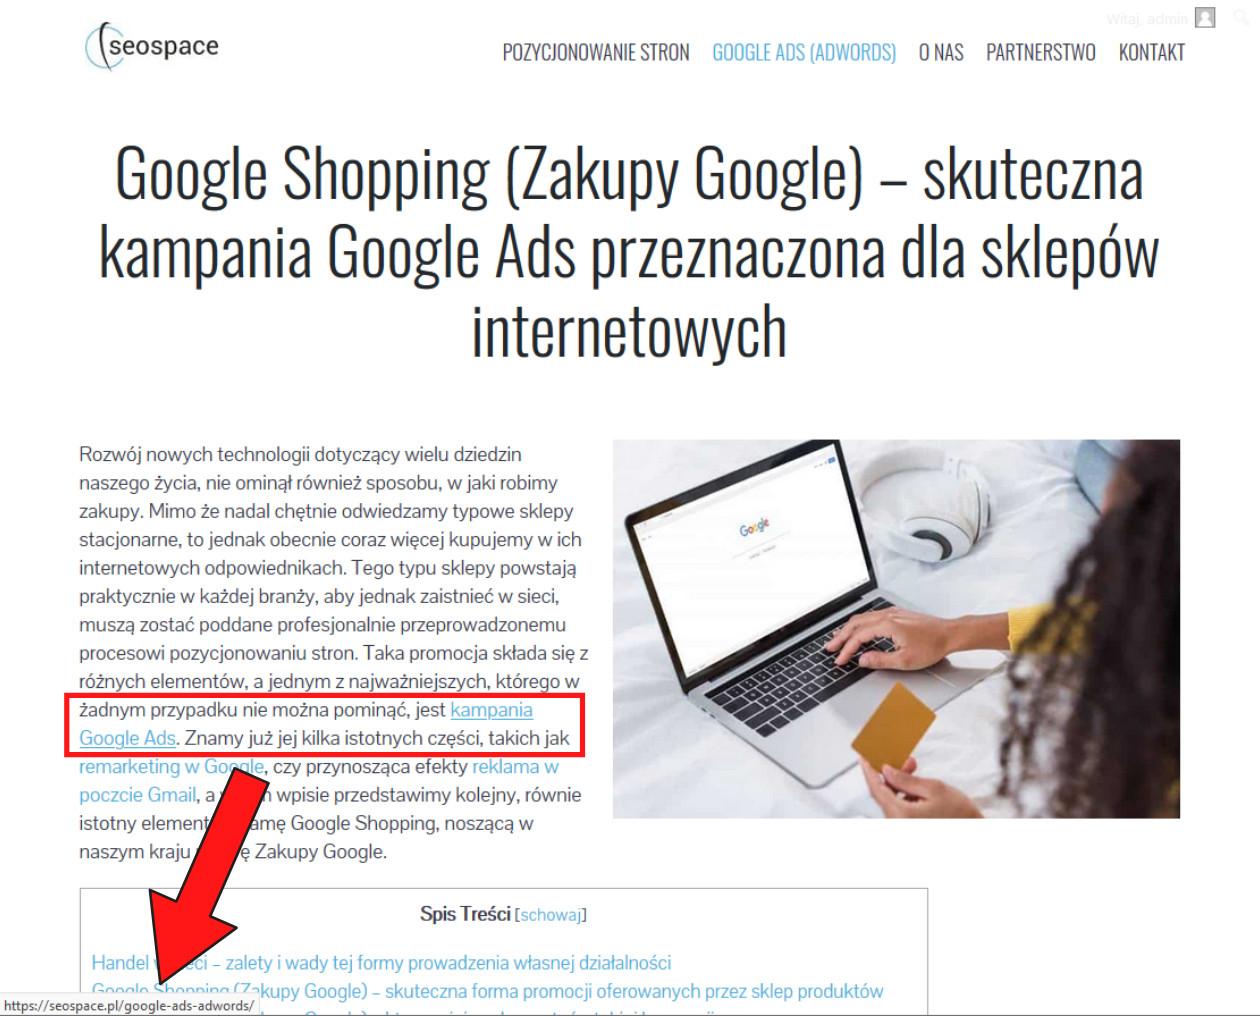 linki umieszczone wysoko na stronie